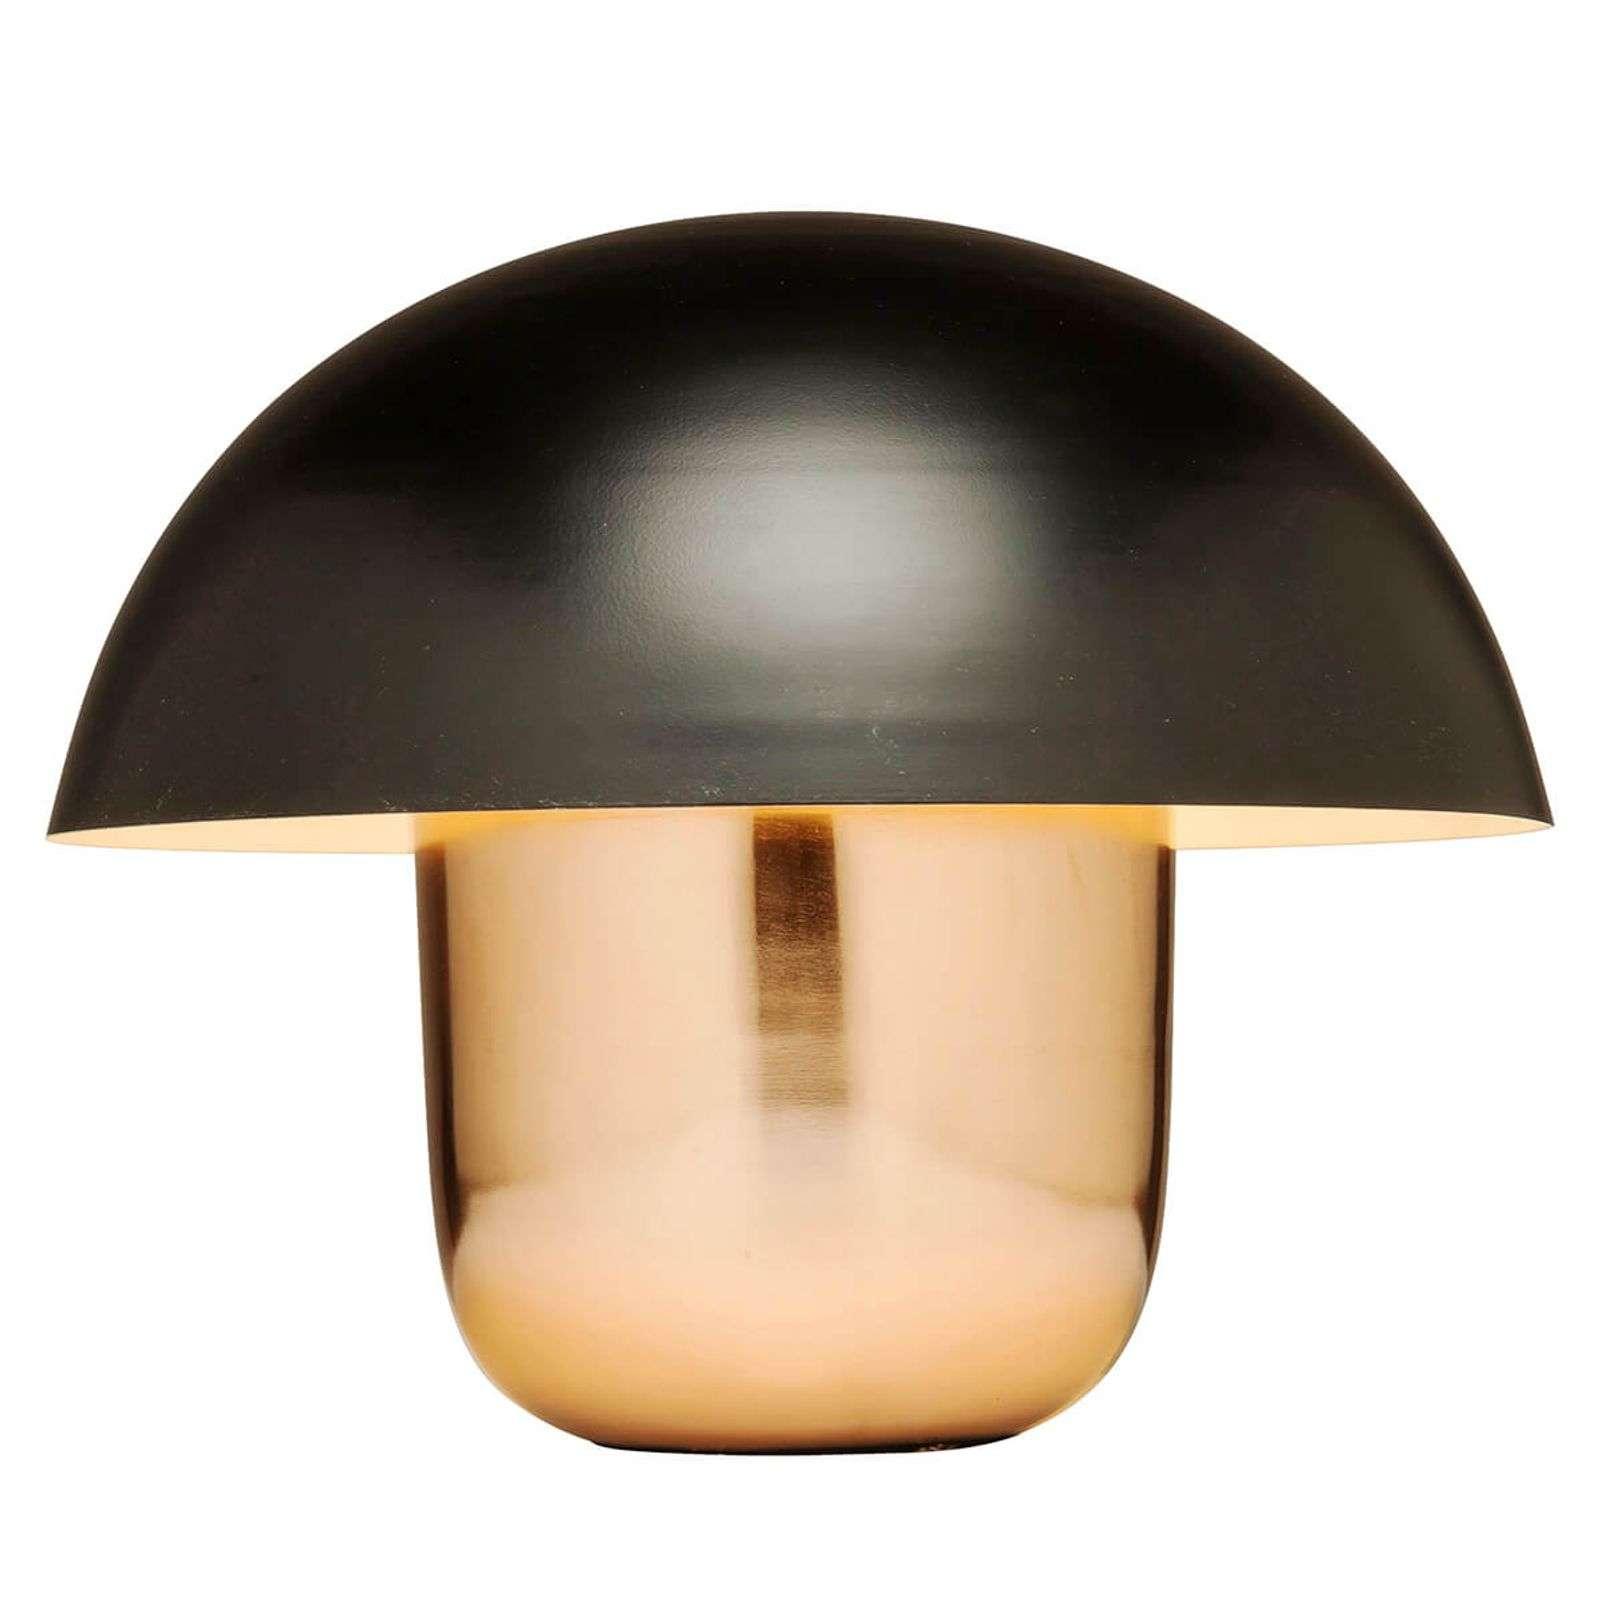 KARE Mushroom - Tischlampe, Pilz, kupfer-schwarz